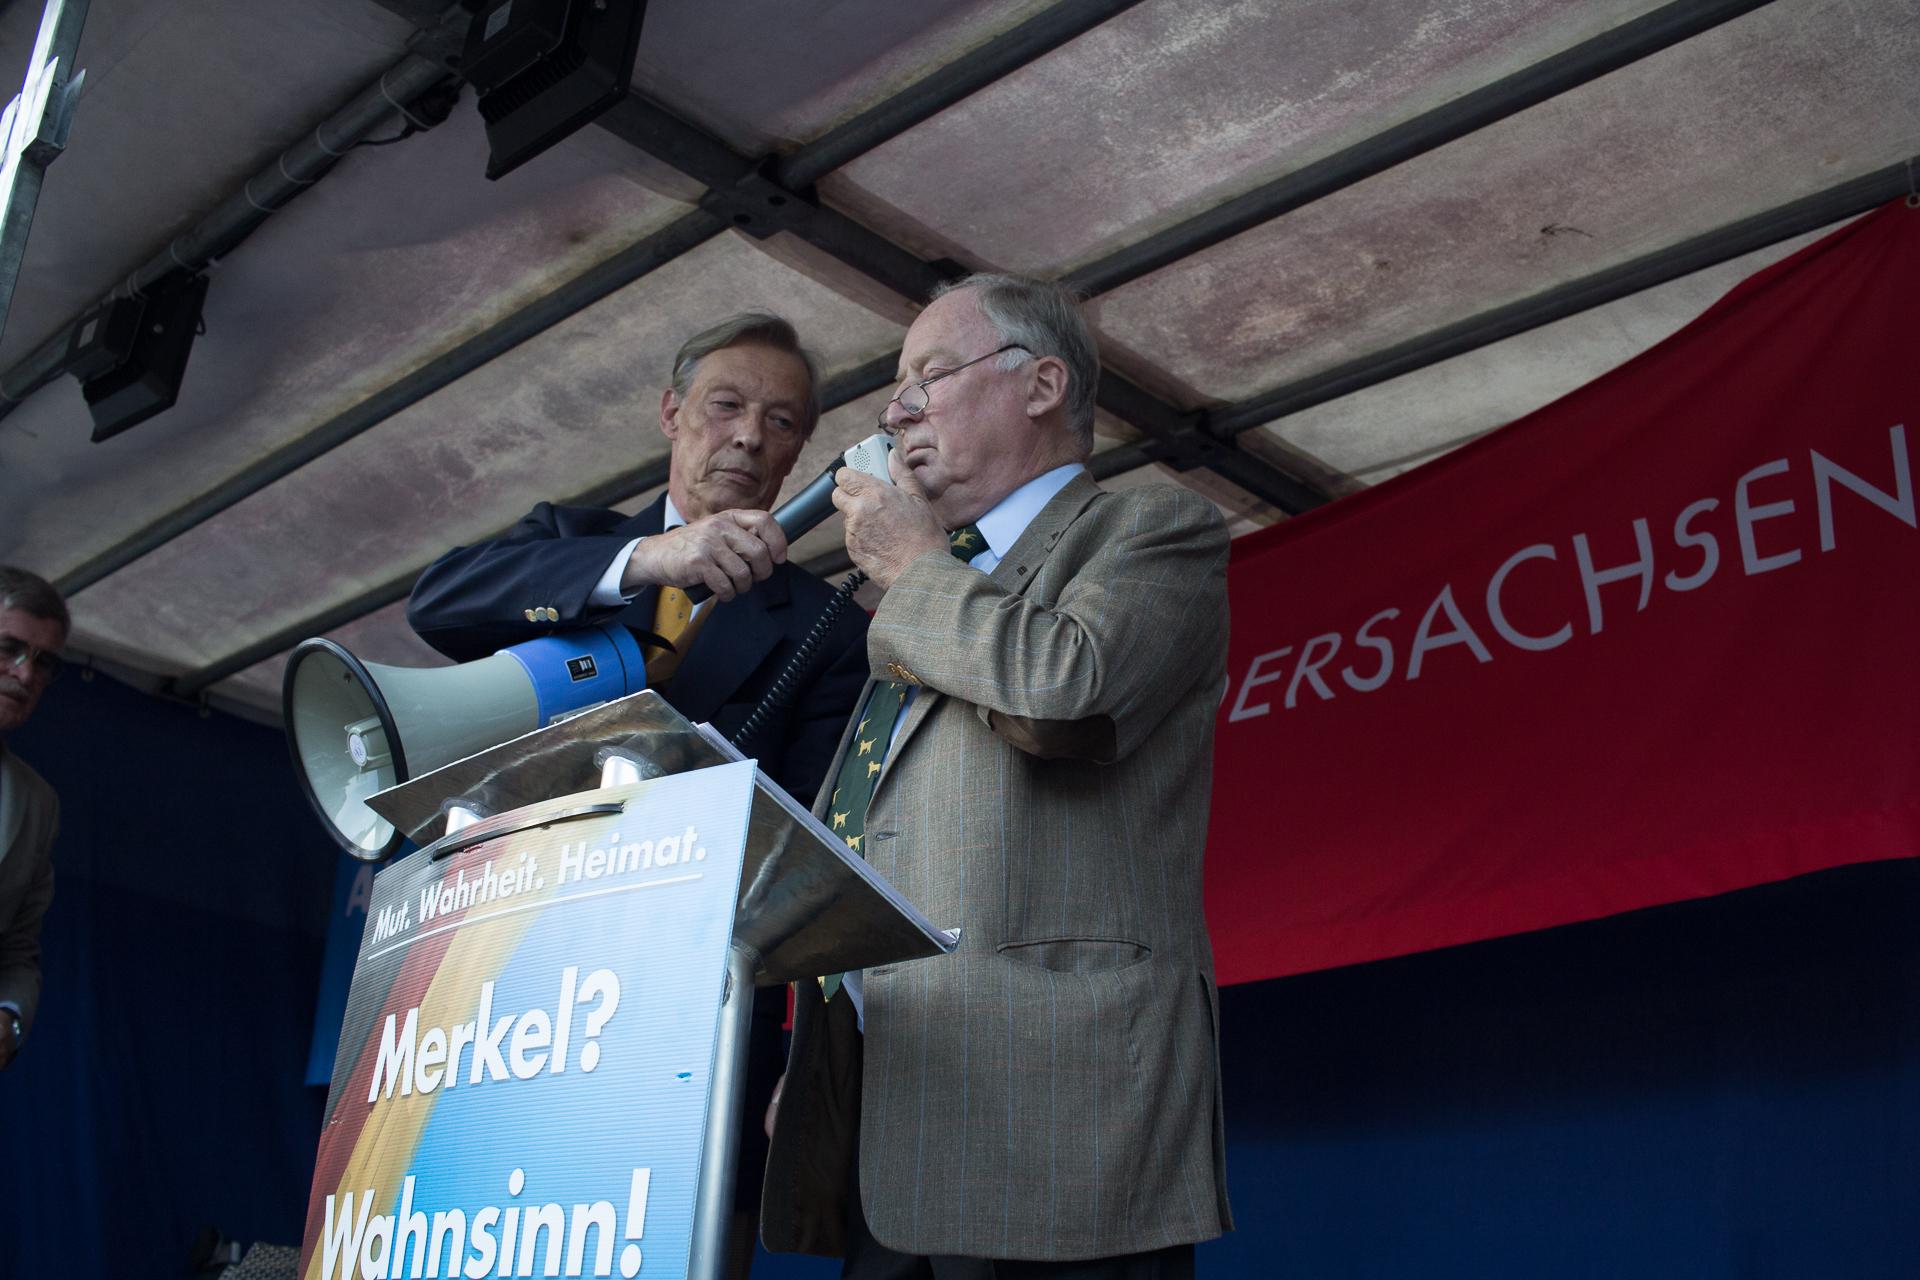 Wahlkampfveranstaltung mit am 06.09. in Uelzen